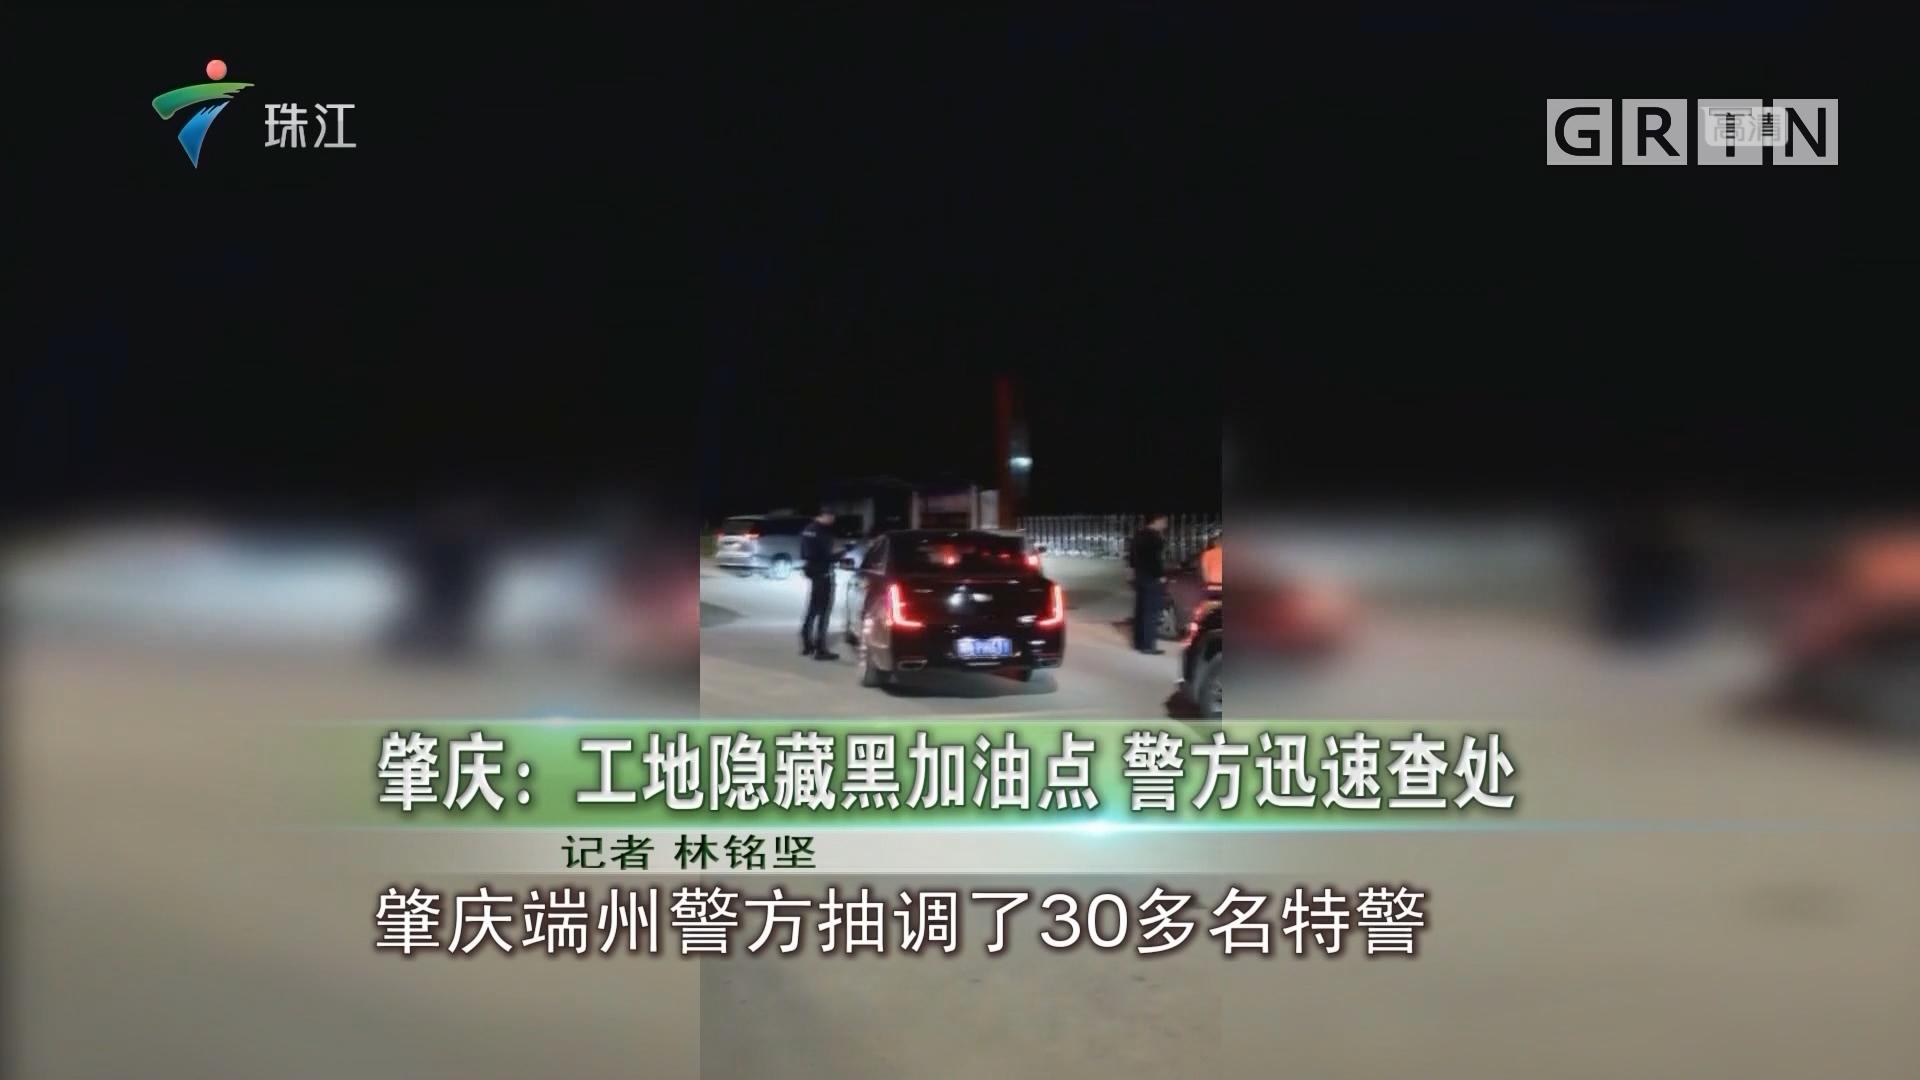 肇庆:工地隐藏黑加油点 警方迅速查处